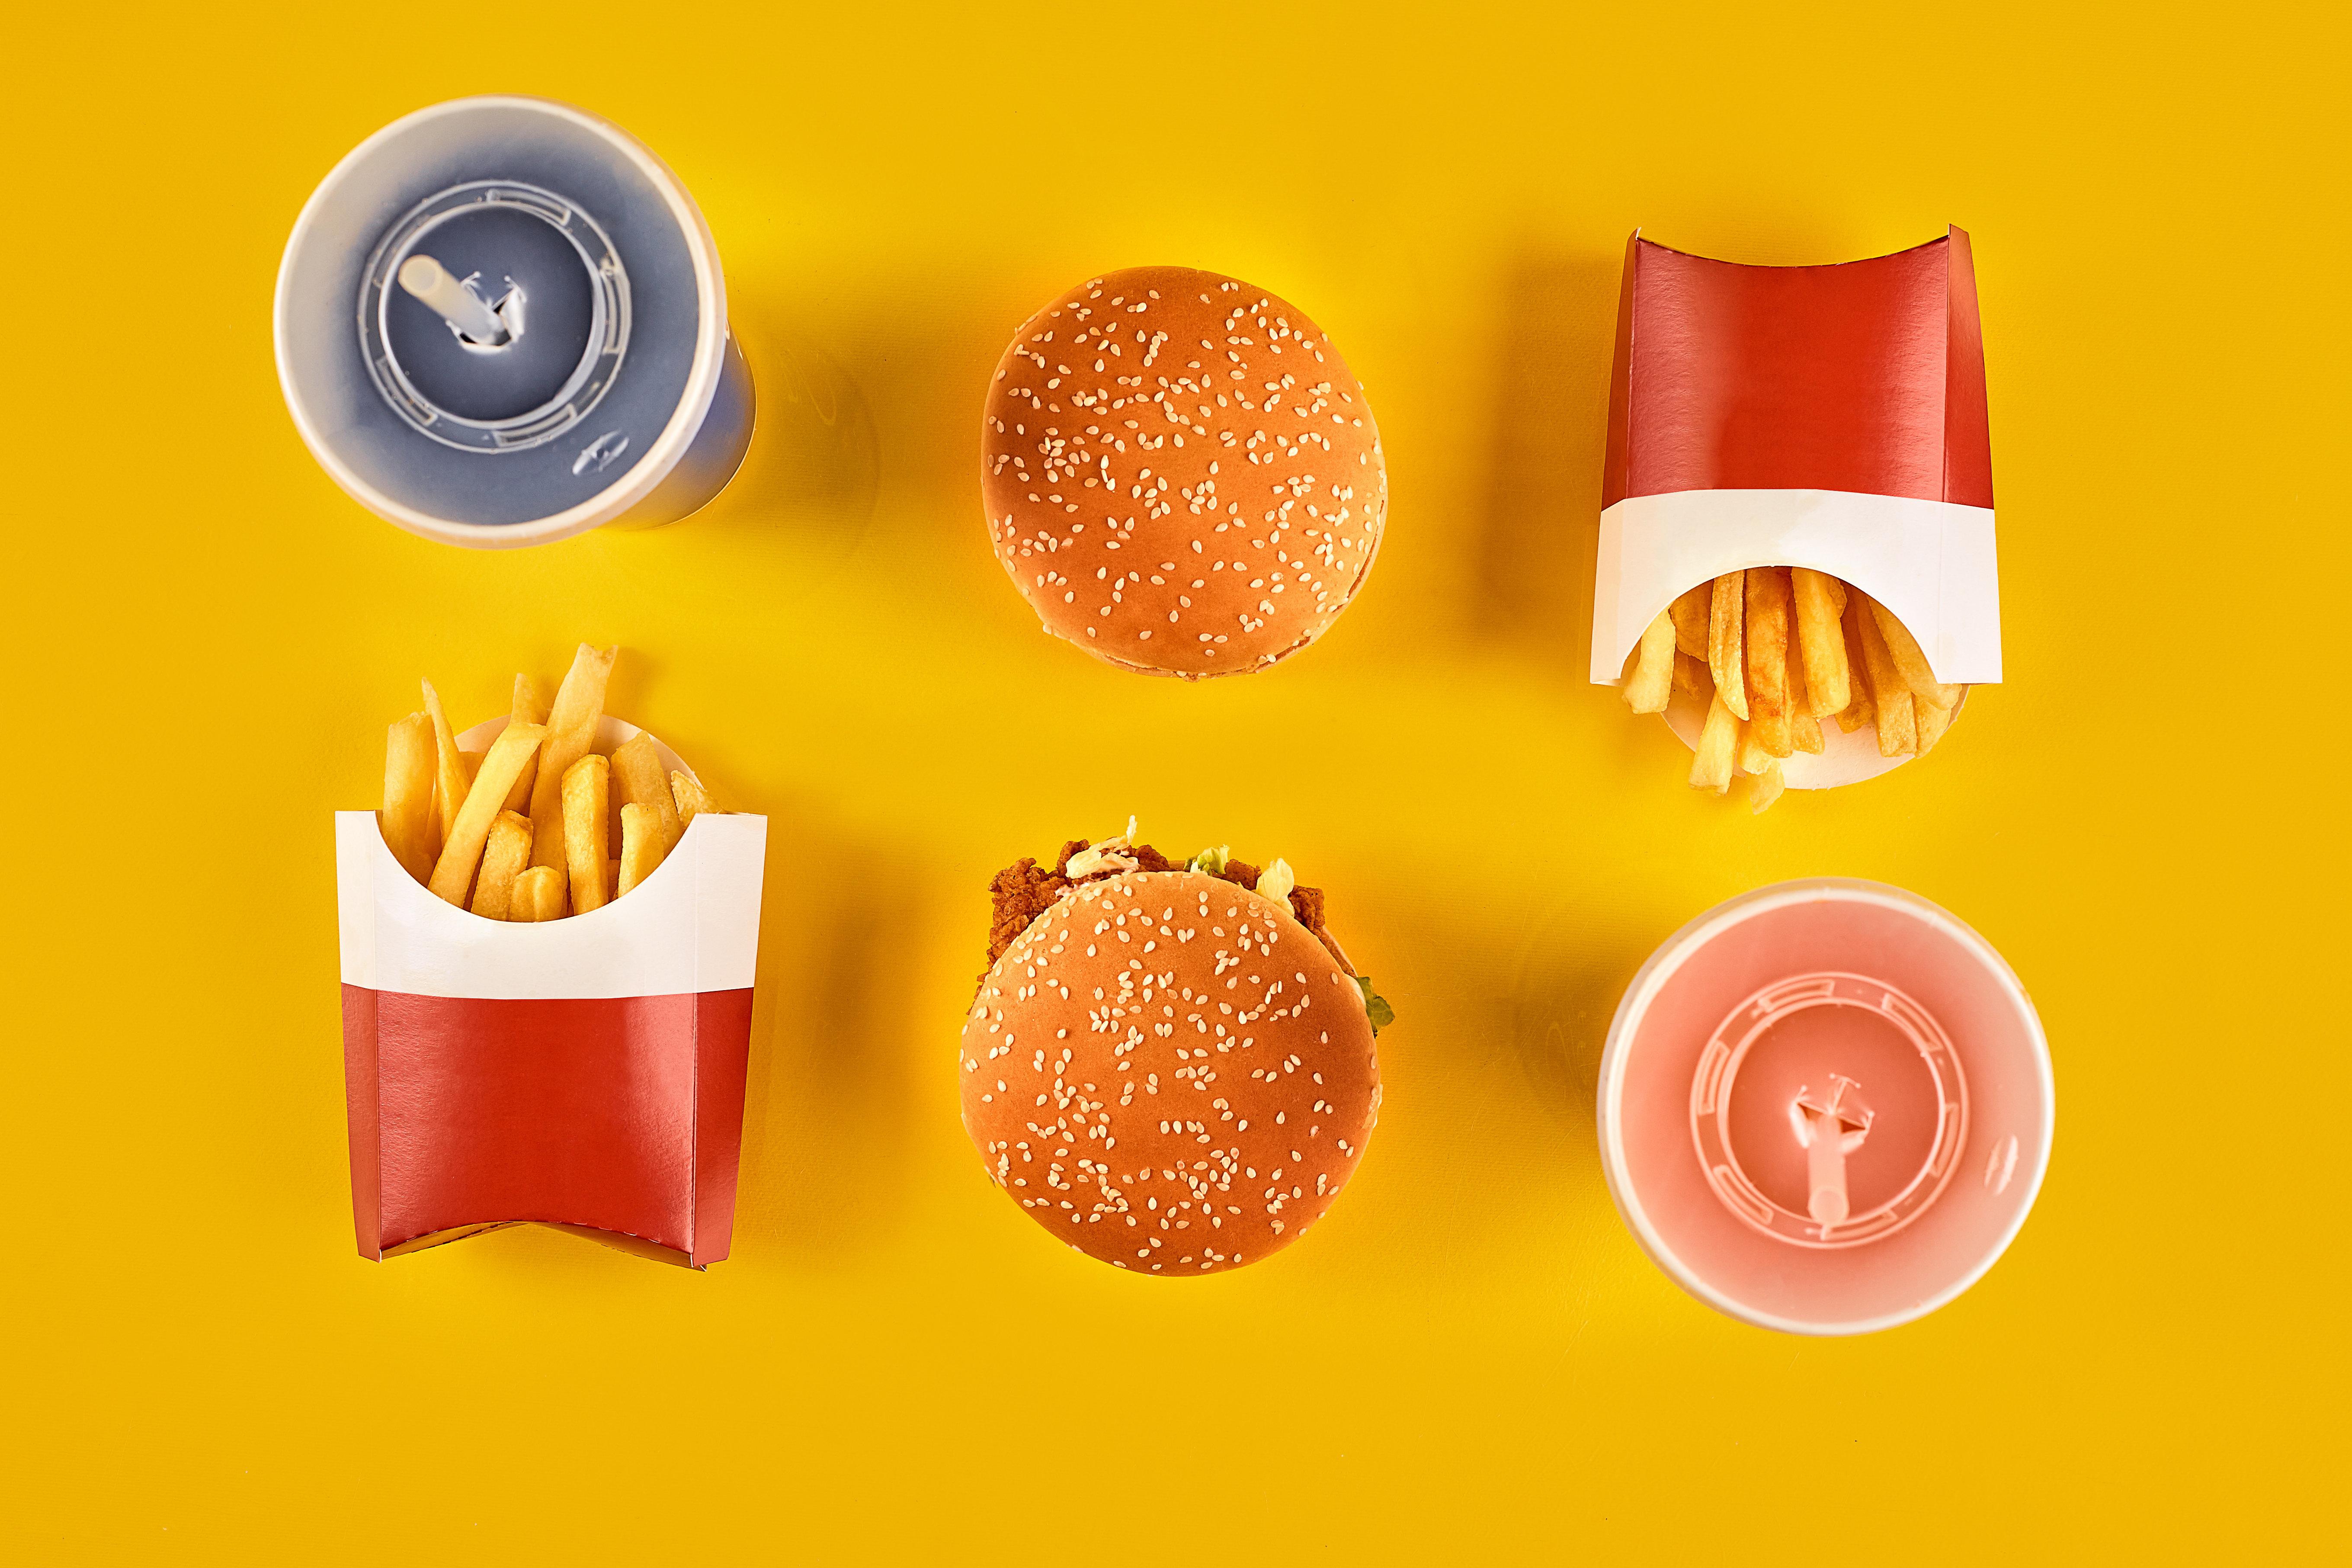 Quem come fast food também ingere substâncias químicas nocivas presentes nas